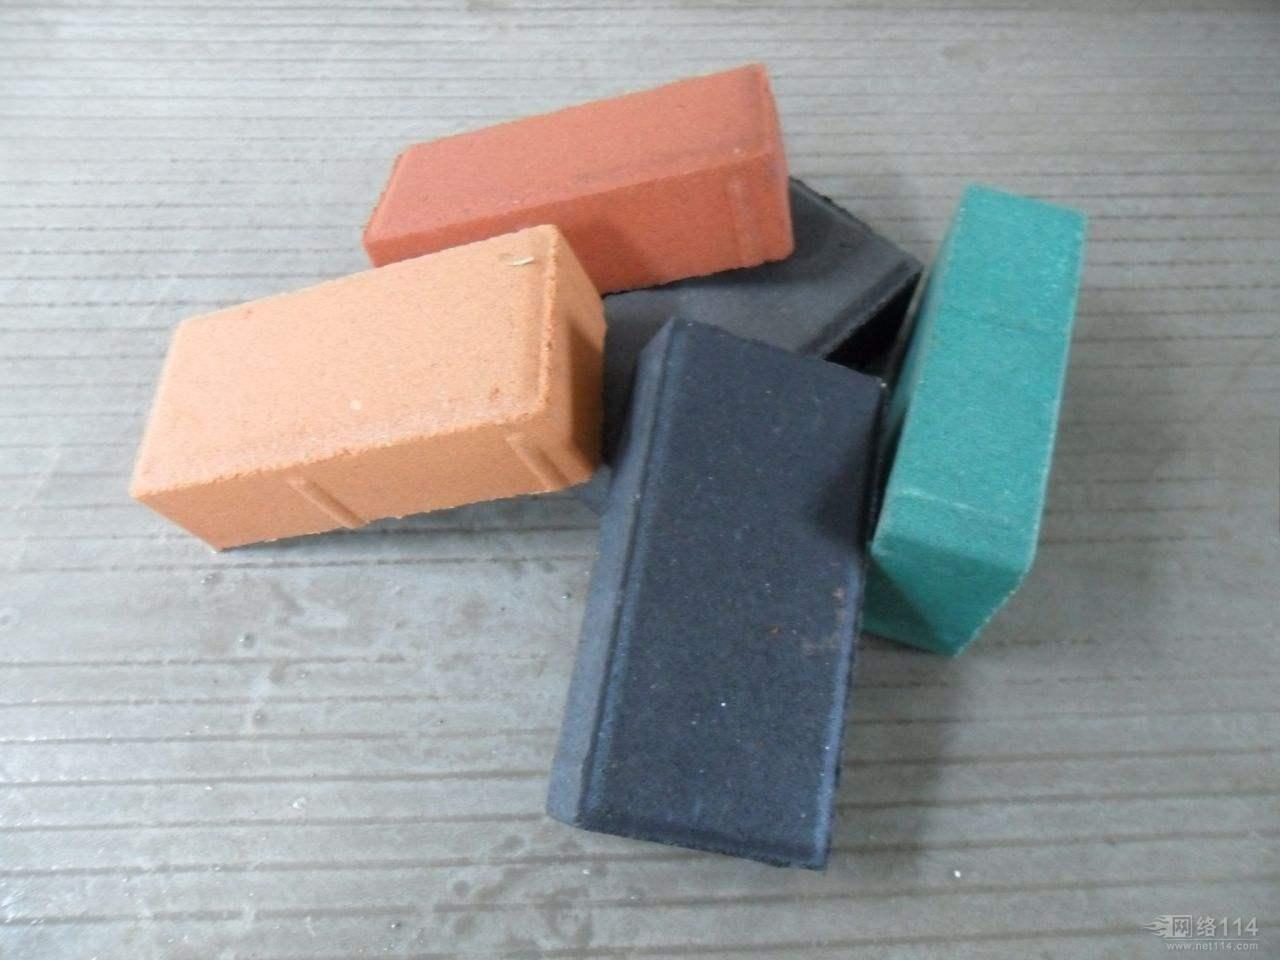 汝南彩砖|荷兰砖|广场砖|植草砖|哪里有卖彩砖